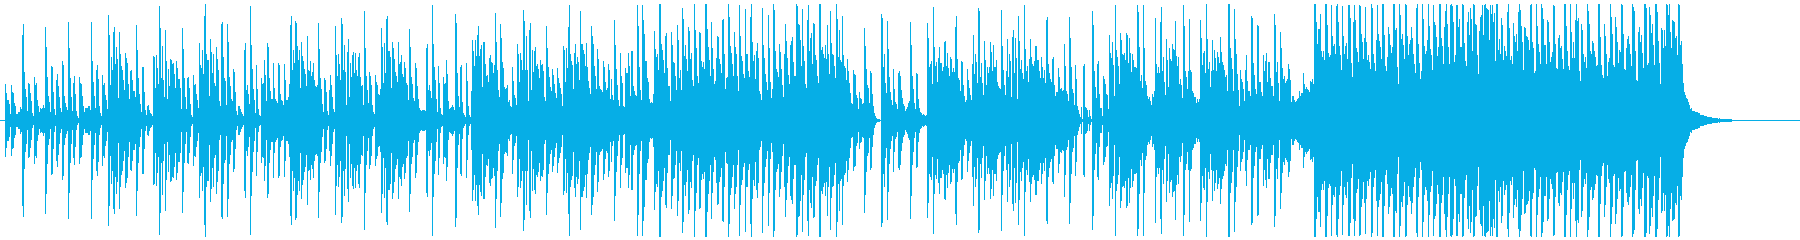 小悪魔感のあるユニークなテクノロックの再生済みの波形